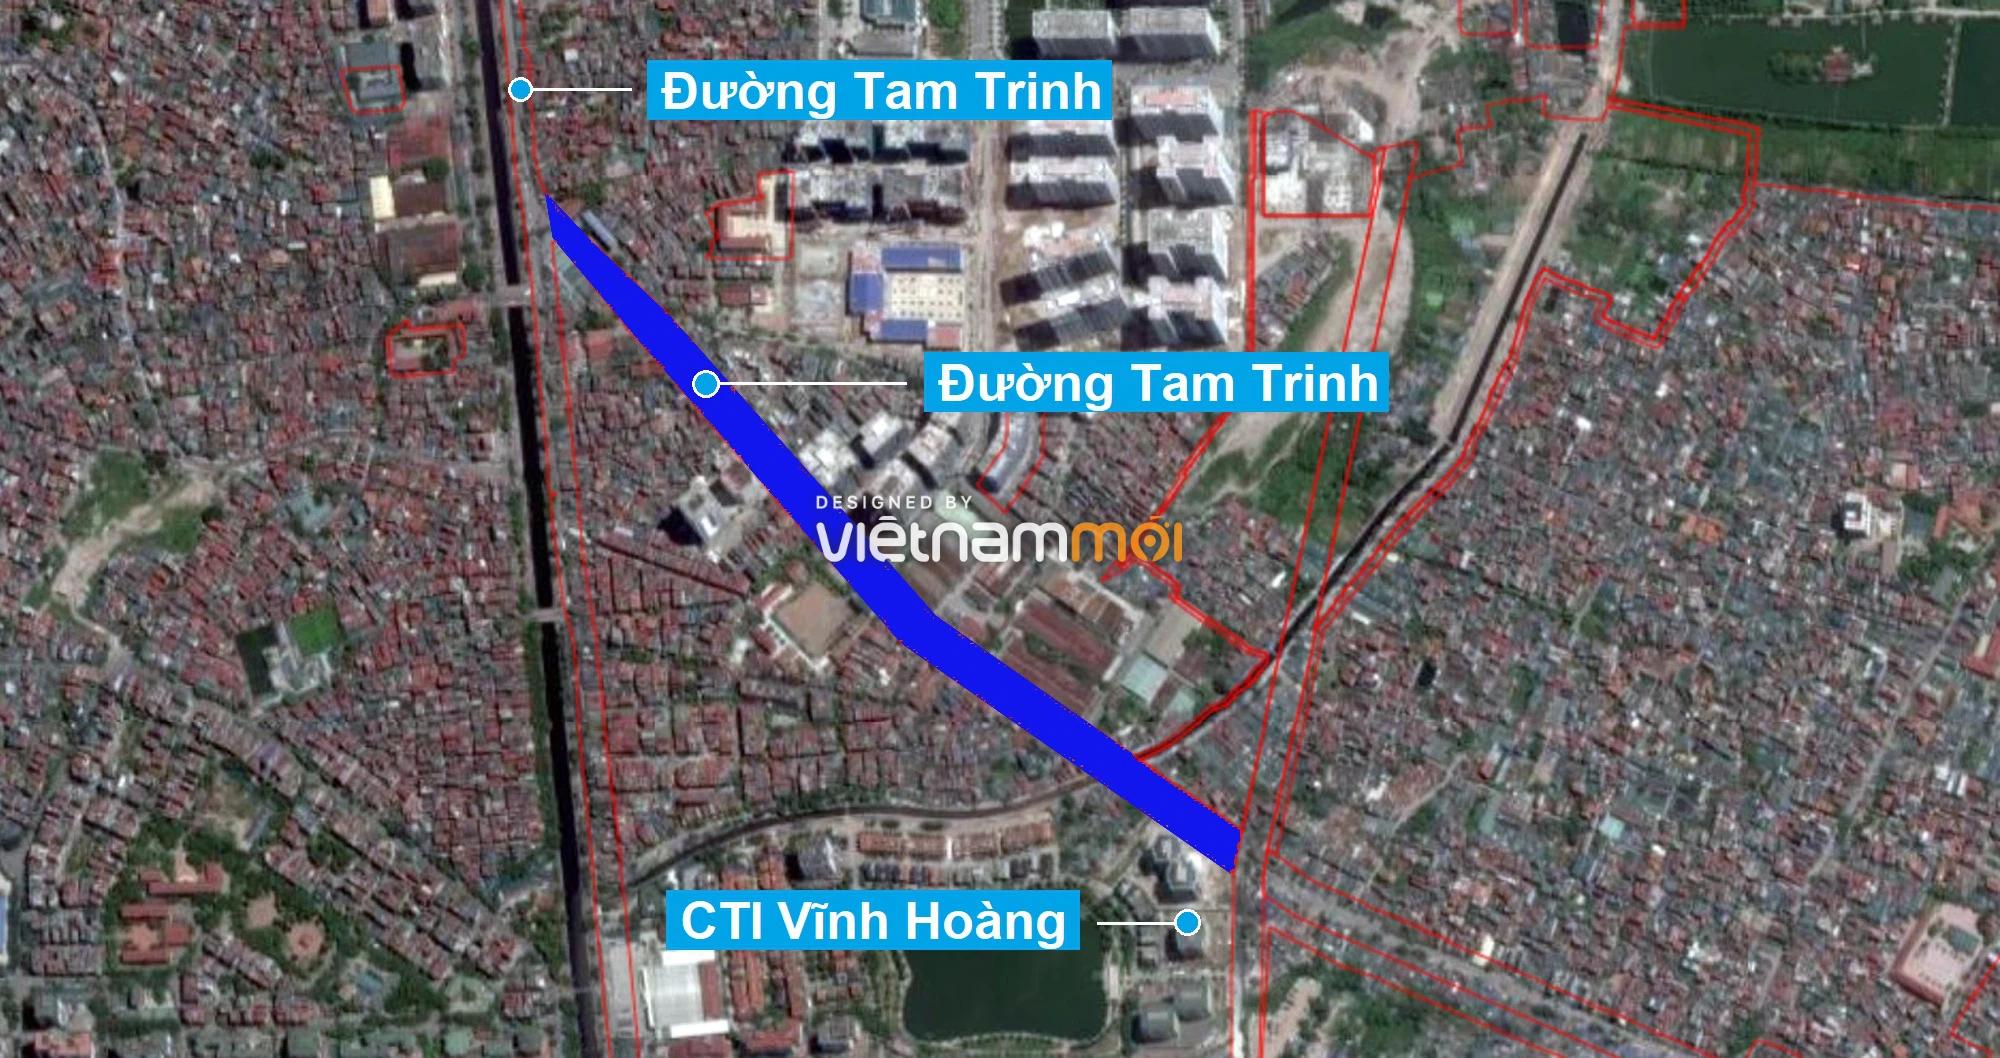 Những khu đất sắp thu hồi để mở đường ở quận Hoàng Mai, Hà Nội (phần 3) - Ảnh 10.